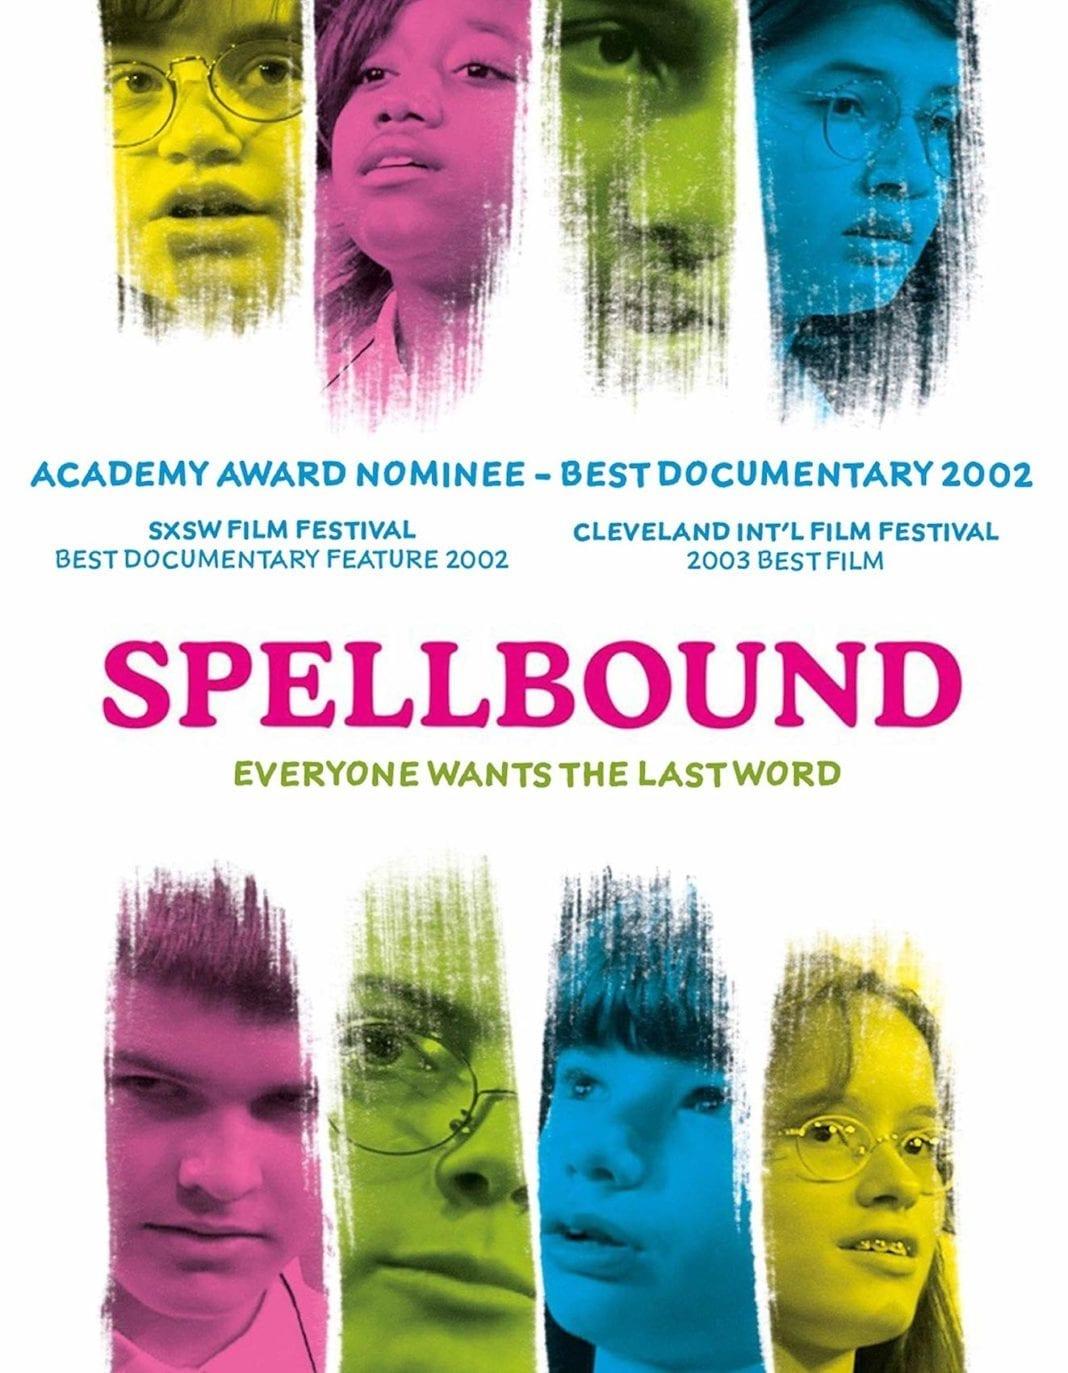 Spellbound, de Jeffrey Blitz